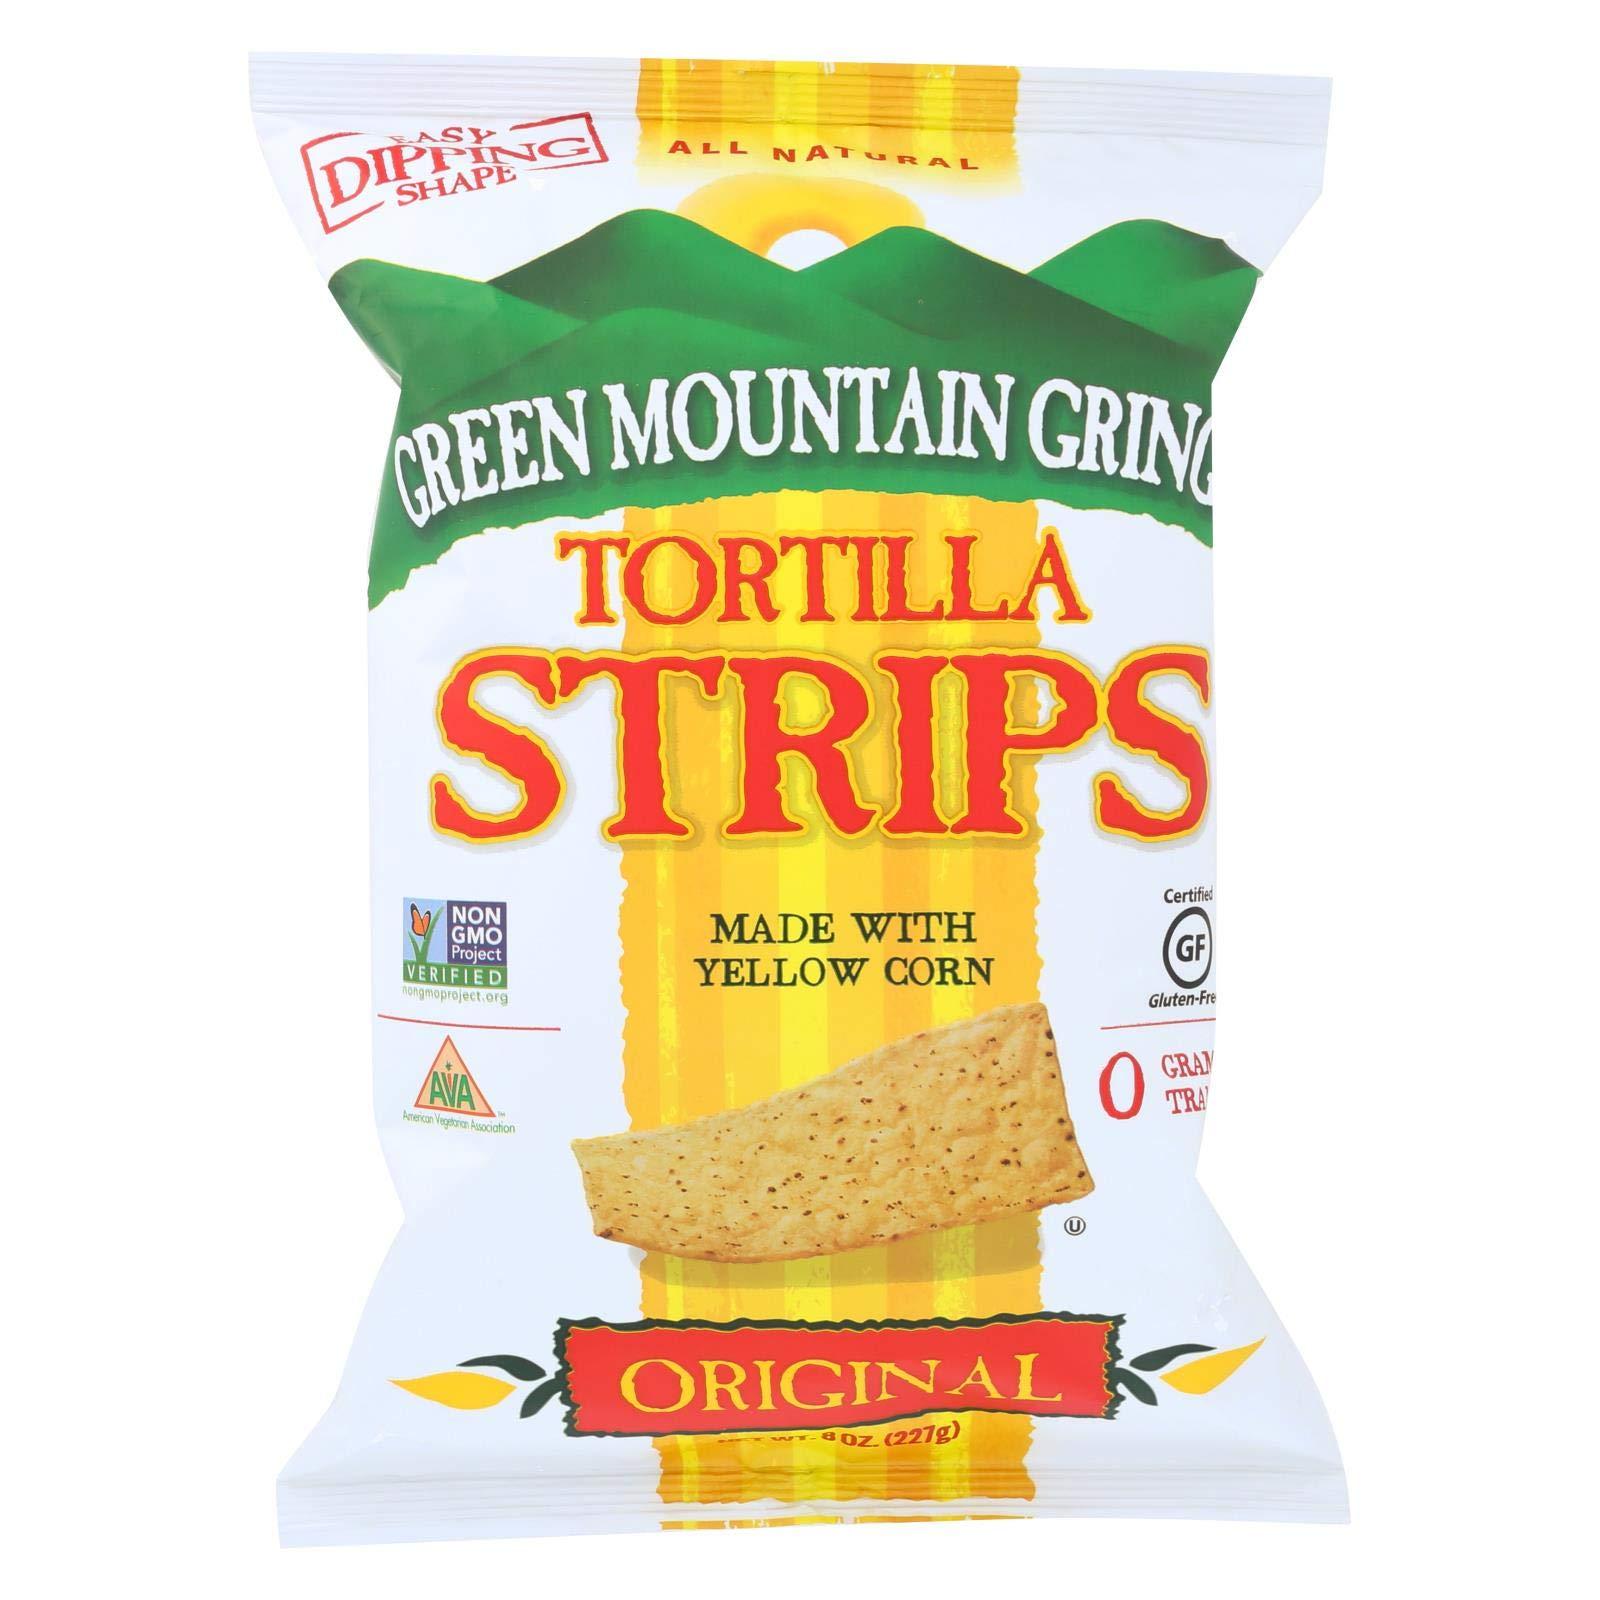 Green Mountain Gringo Tortilla Strips - Original - Case of 12 - 8 oz.